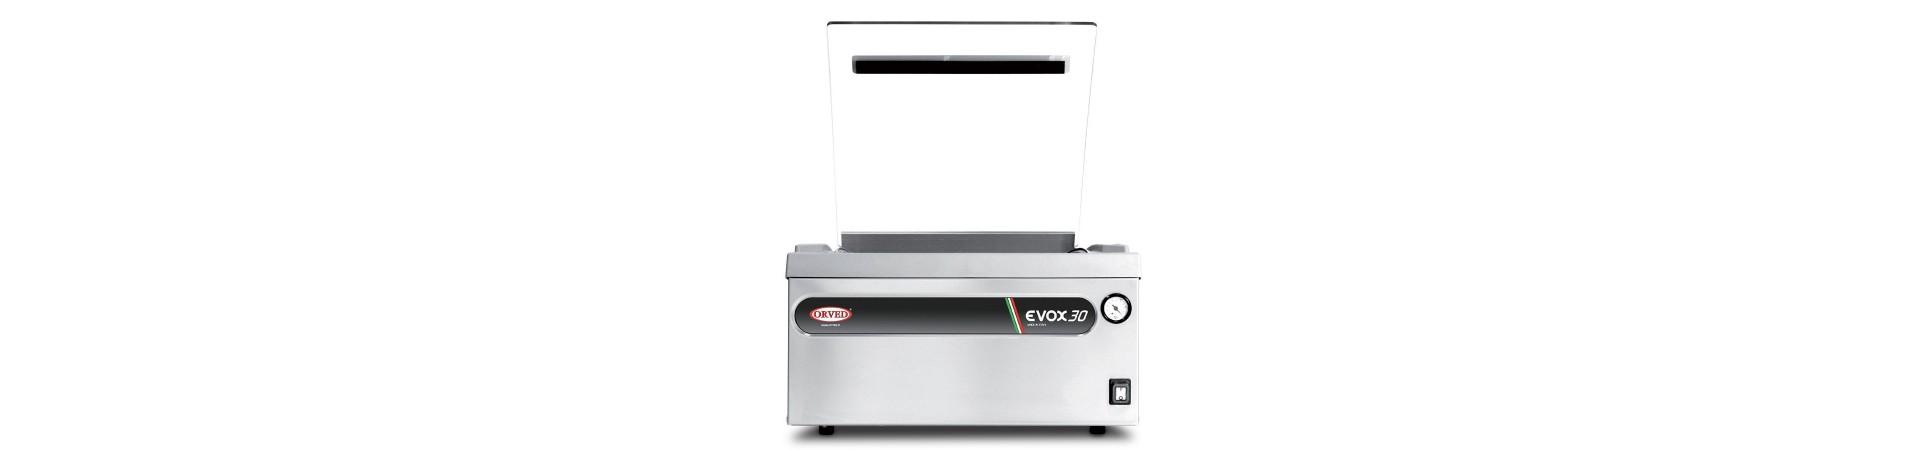 Envasadoras al vacío y termoselladoras de fabricantes especializados como Mychef, Sammic, Vac-Star, Orved. online con garantía y envío rápido.